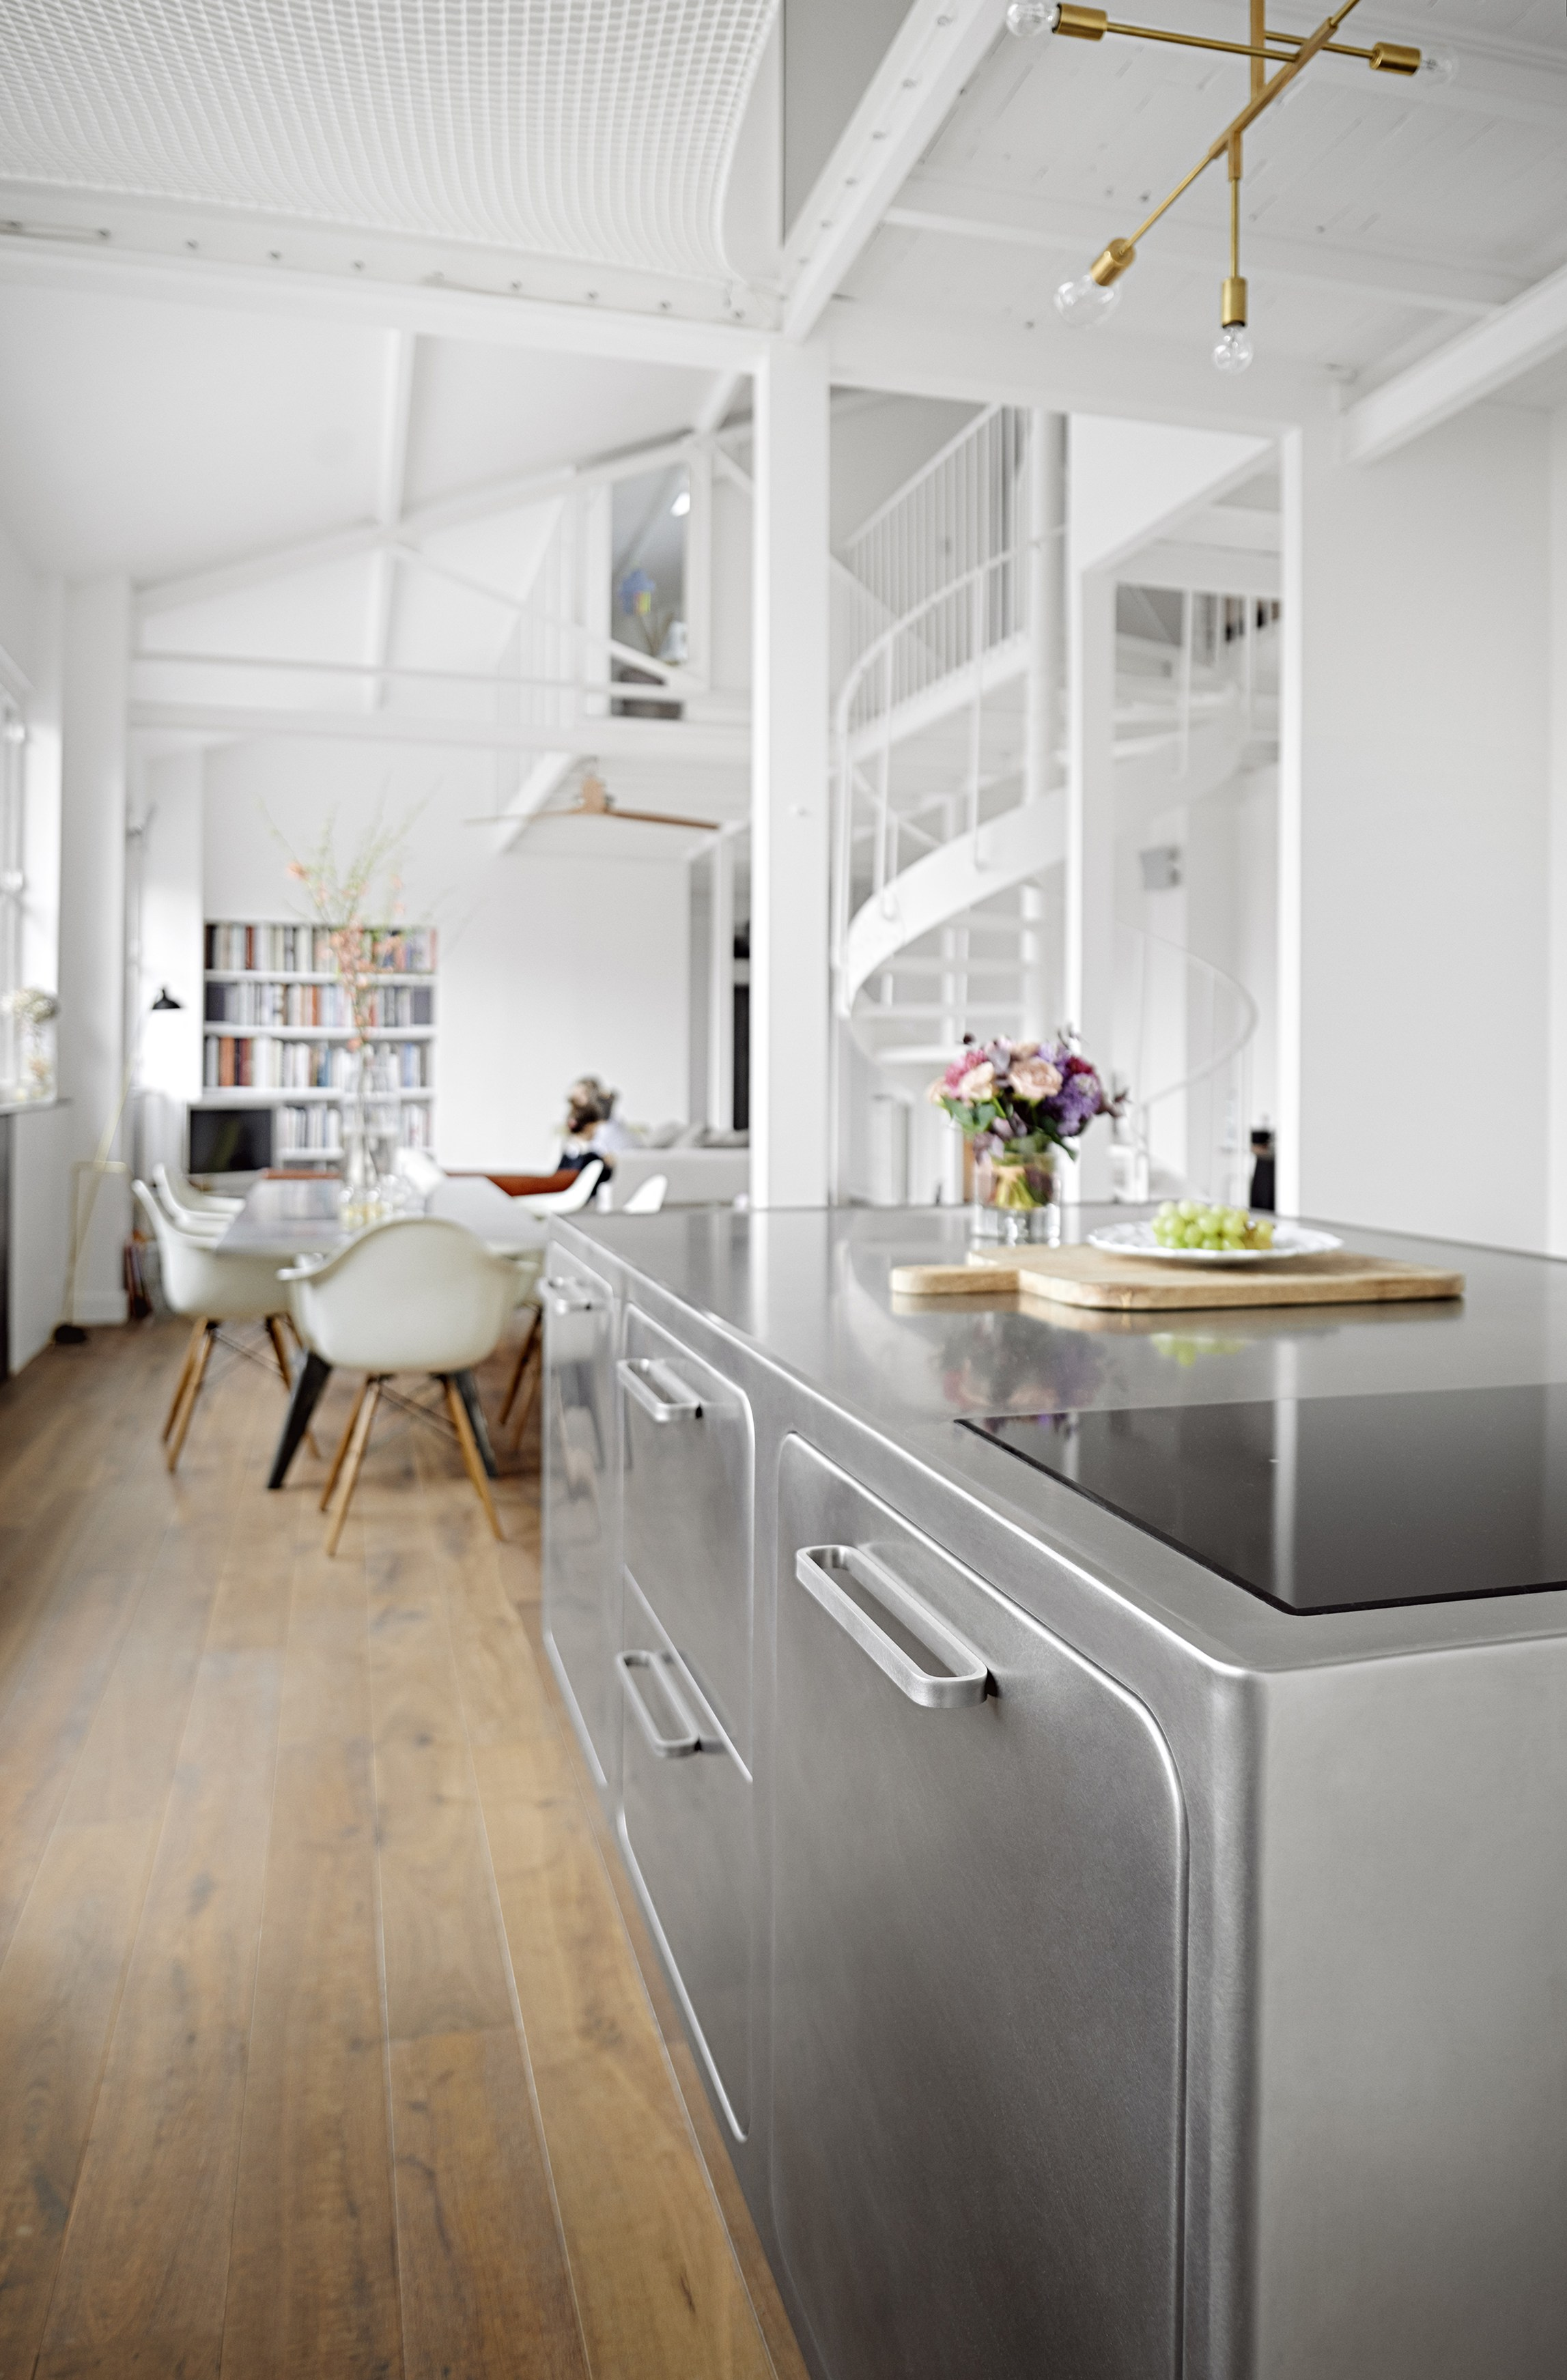 küche aus edelstahl für gewerbe ego by abimis design alberto torsello, Kuchen